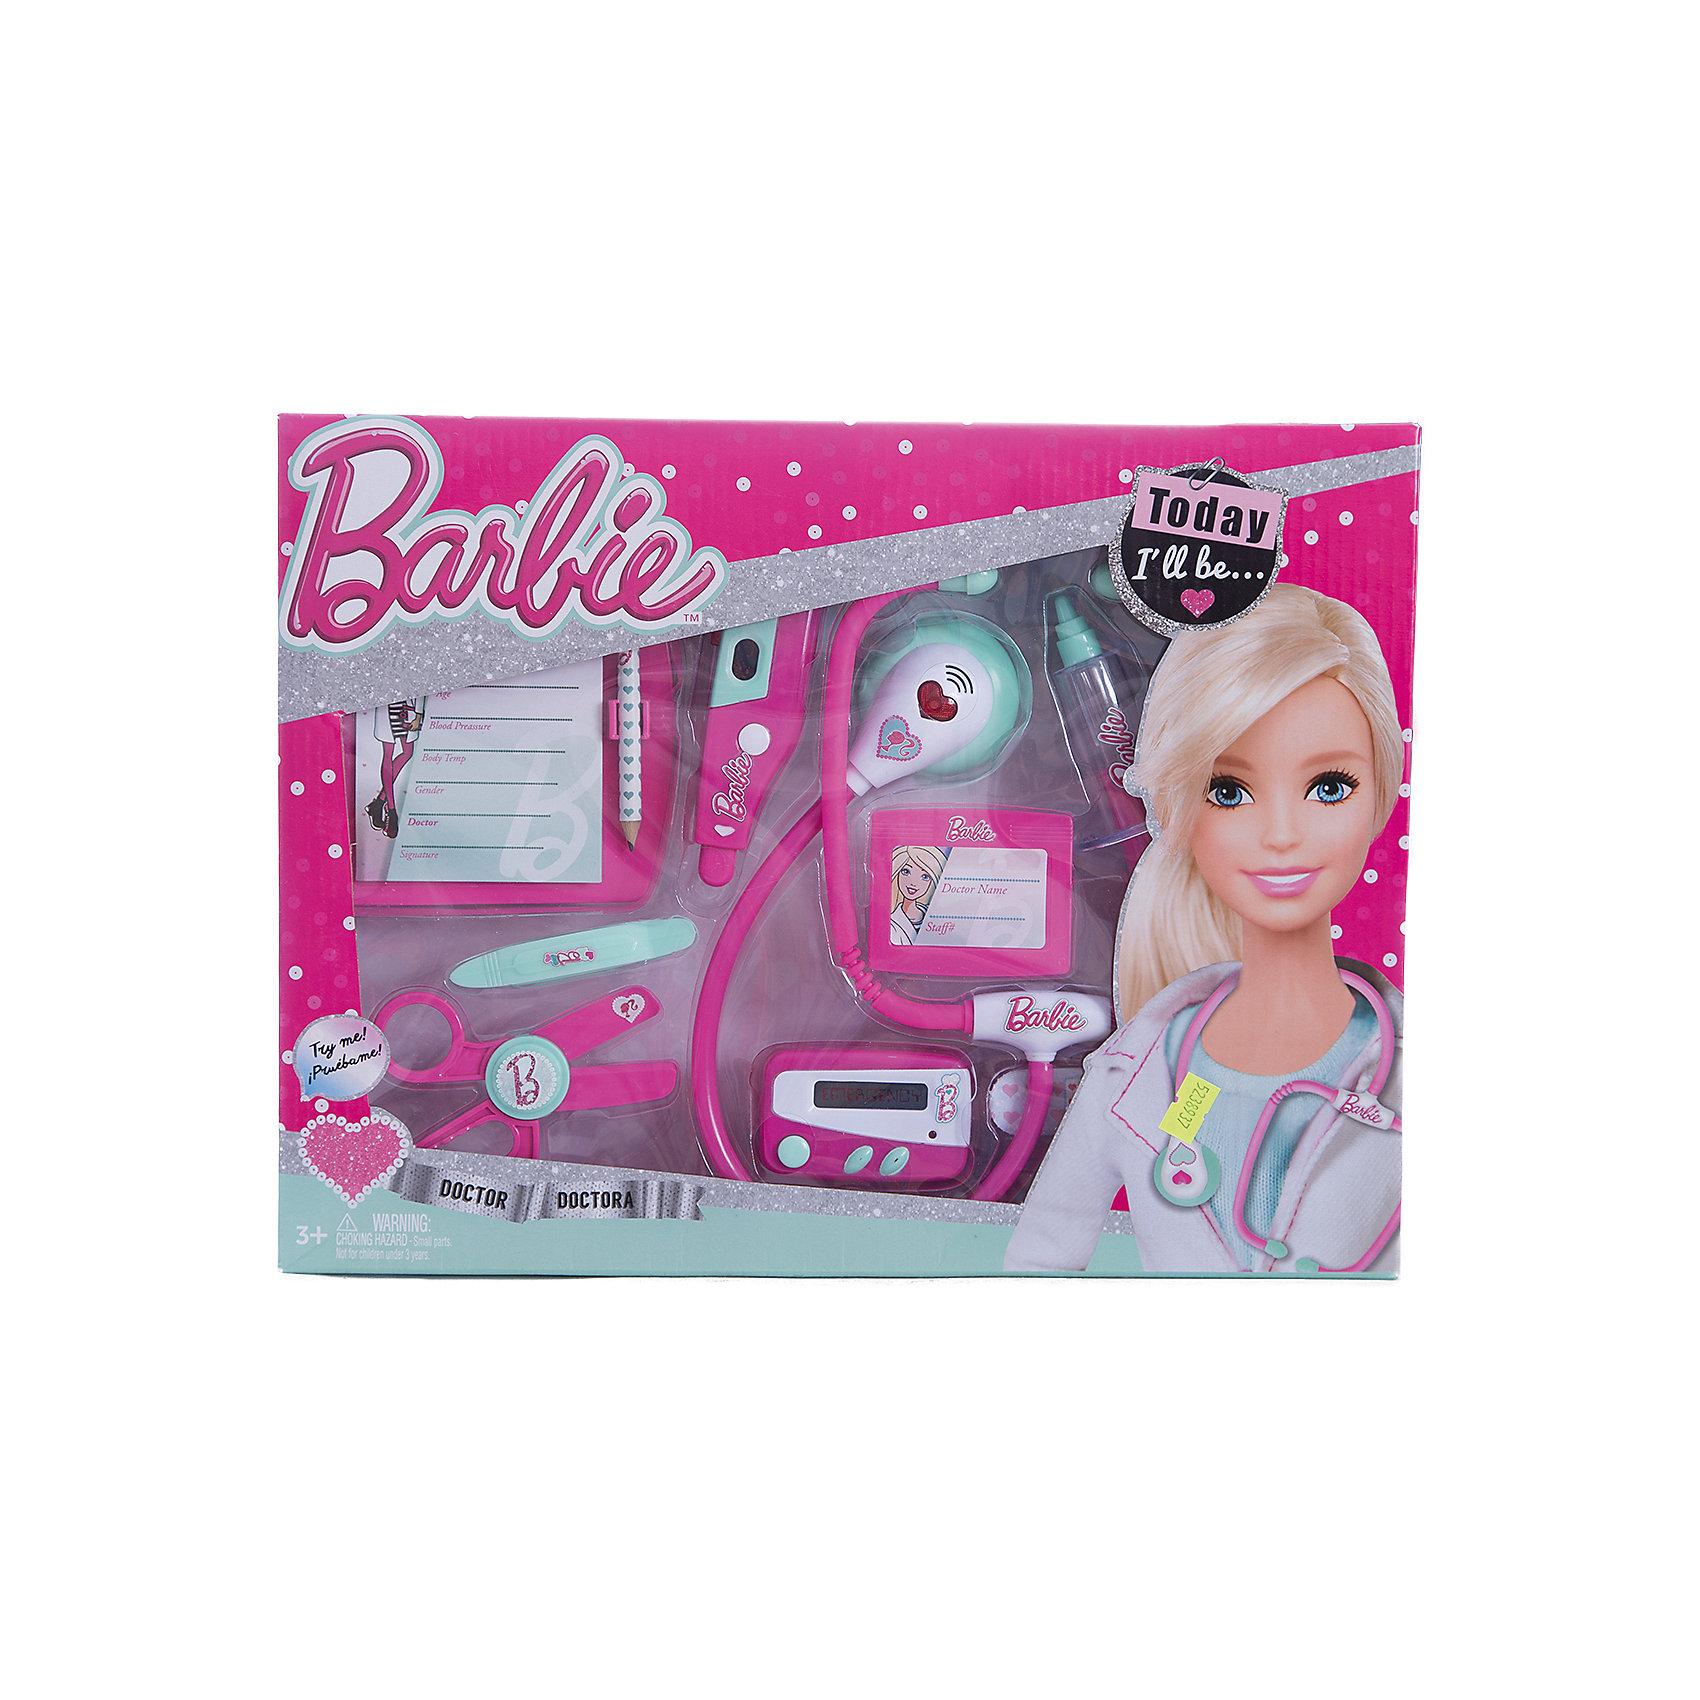 Игровой набор юного доктора средний, BarbieИгровой набор юного доктора на блистере, Barbie (Барби).<br><br>Характеристика:<br><br>• Материал: пластик. <br>• Размер упаковки: 37х6х 28 см.<br>• Комплектация: стетоскоп; электронный градусник для измерения температуры; пейджер; шприц; ножницы;<br>планшет для записей с карандашом; бейдж; пластырь;<br>пинцет. <br>• Звуковые и световые эффекты. <br>• Отличная детализация. <br>• Элемент питания: для стетоскопа - 2 батарейки типа AG13 (входят в комплект); электронный градусник - 2 батарейки типа AG10 (входят в комплект); для пейджера - 2 батарейки типа AG13 (входят в комплект).<br>• Яркий привлекательный дизайн. <br><br>С этим ярким набором врача ваша девочка почувствует себя самым настоящим доктором. Все аксессуары отлично детализированы и хорошо проработаны, очень похожи на медицинские инструменты. Игрушки изготовлены из экологичного пластика, в производстве которого использованы только безопасные нетоксичные красители.<br><br>Игровой набор юного доктора на блистере, Barbie (Барби), можно купить в нашем интернет-магазине.<br><br>Ширина мм: 370<br>Глубина мм: 280<br>Высота мм: 600<br>Вес г: 565<br>Возраст от месяцев: 36<br>Возраст до месяцев: 2147483647<br>Пол: Женский<br>Возраст: Детский<br>SKU: 5238937